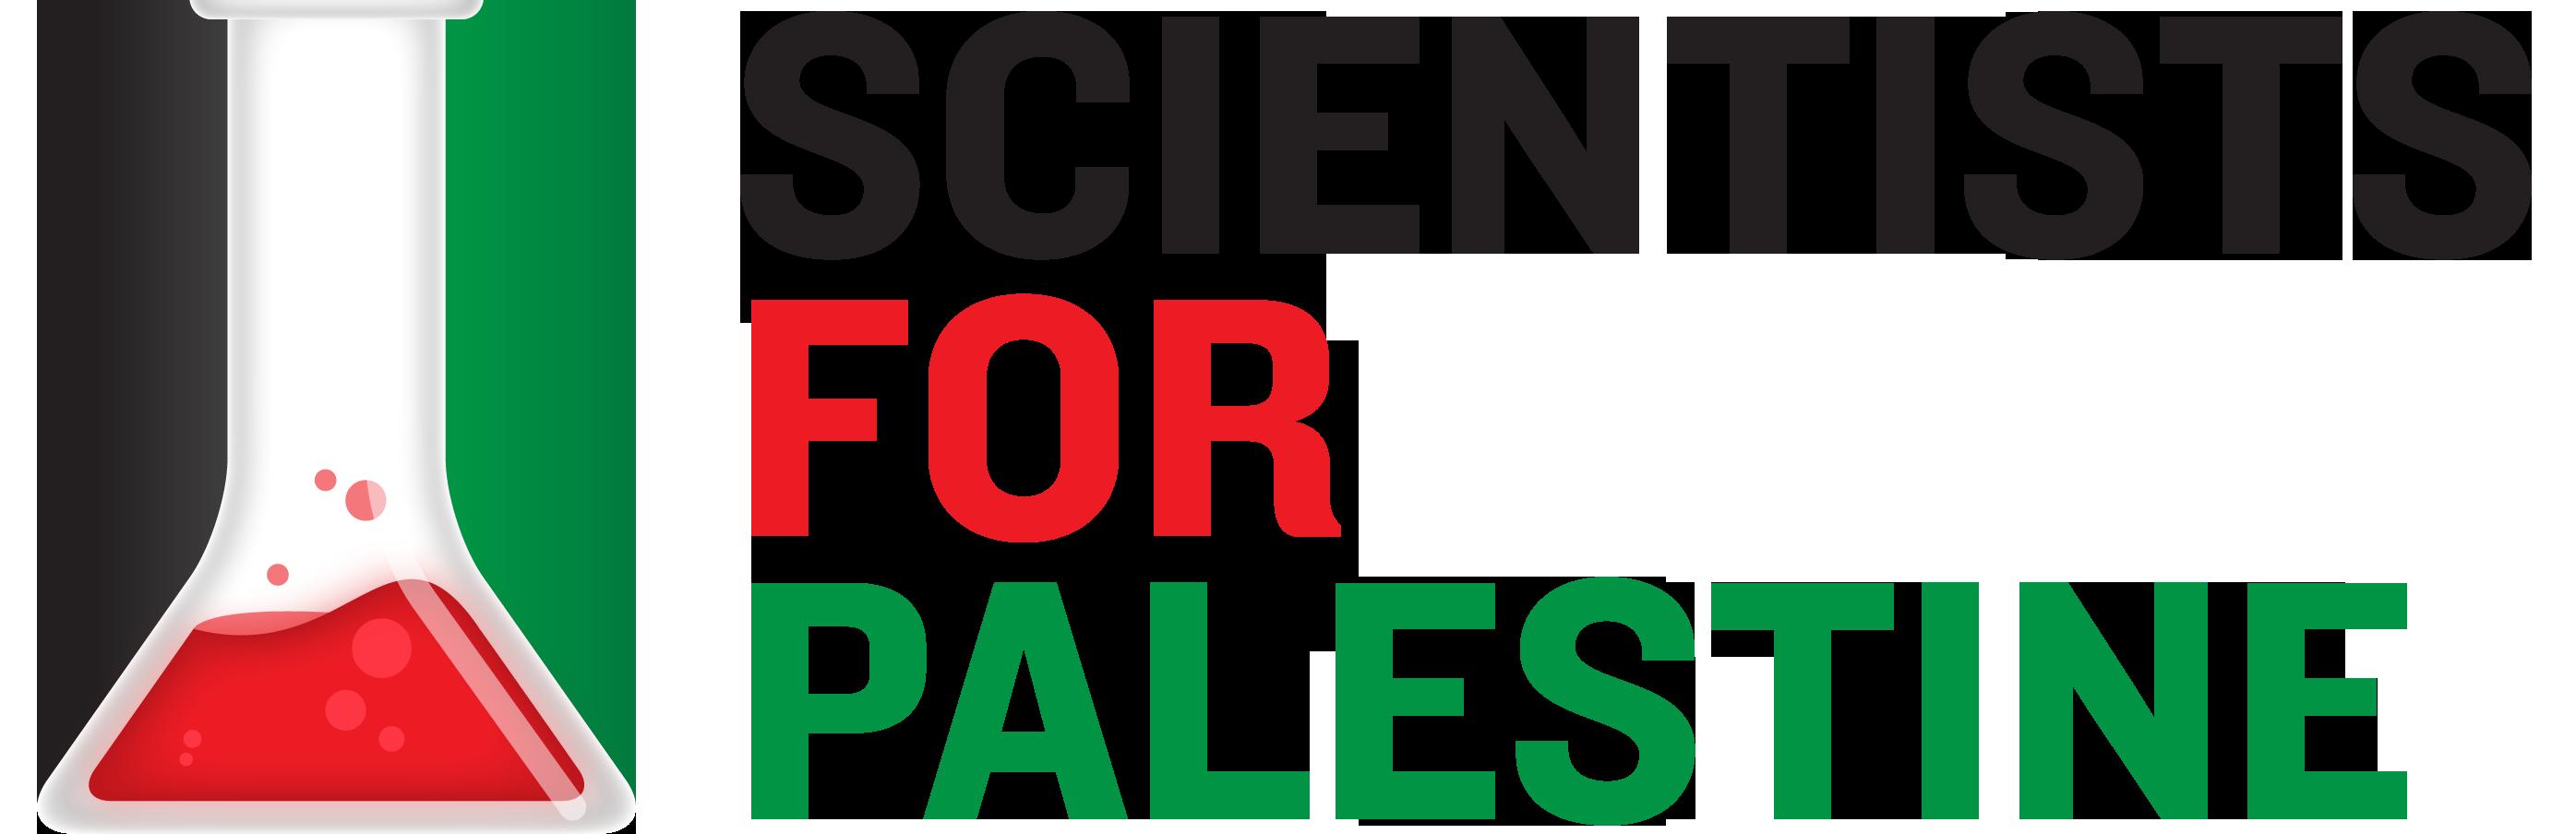 ٹیکنالوجی کا میدان ، فلسطینی سائنس دان گولڈ میڈل کا حقدارقرار